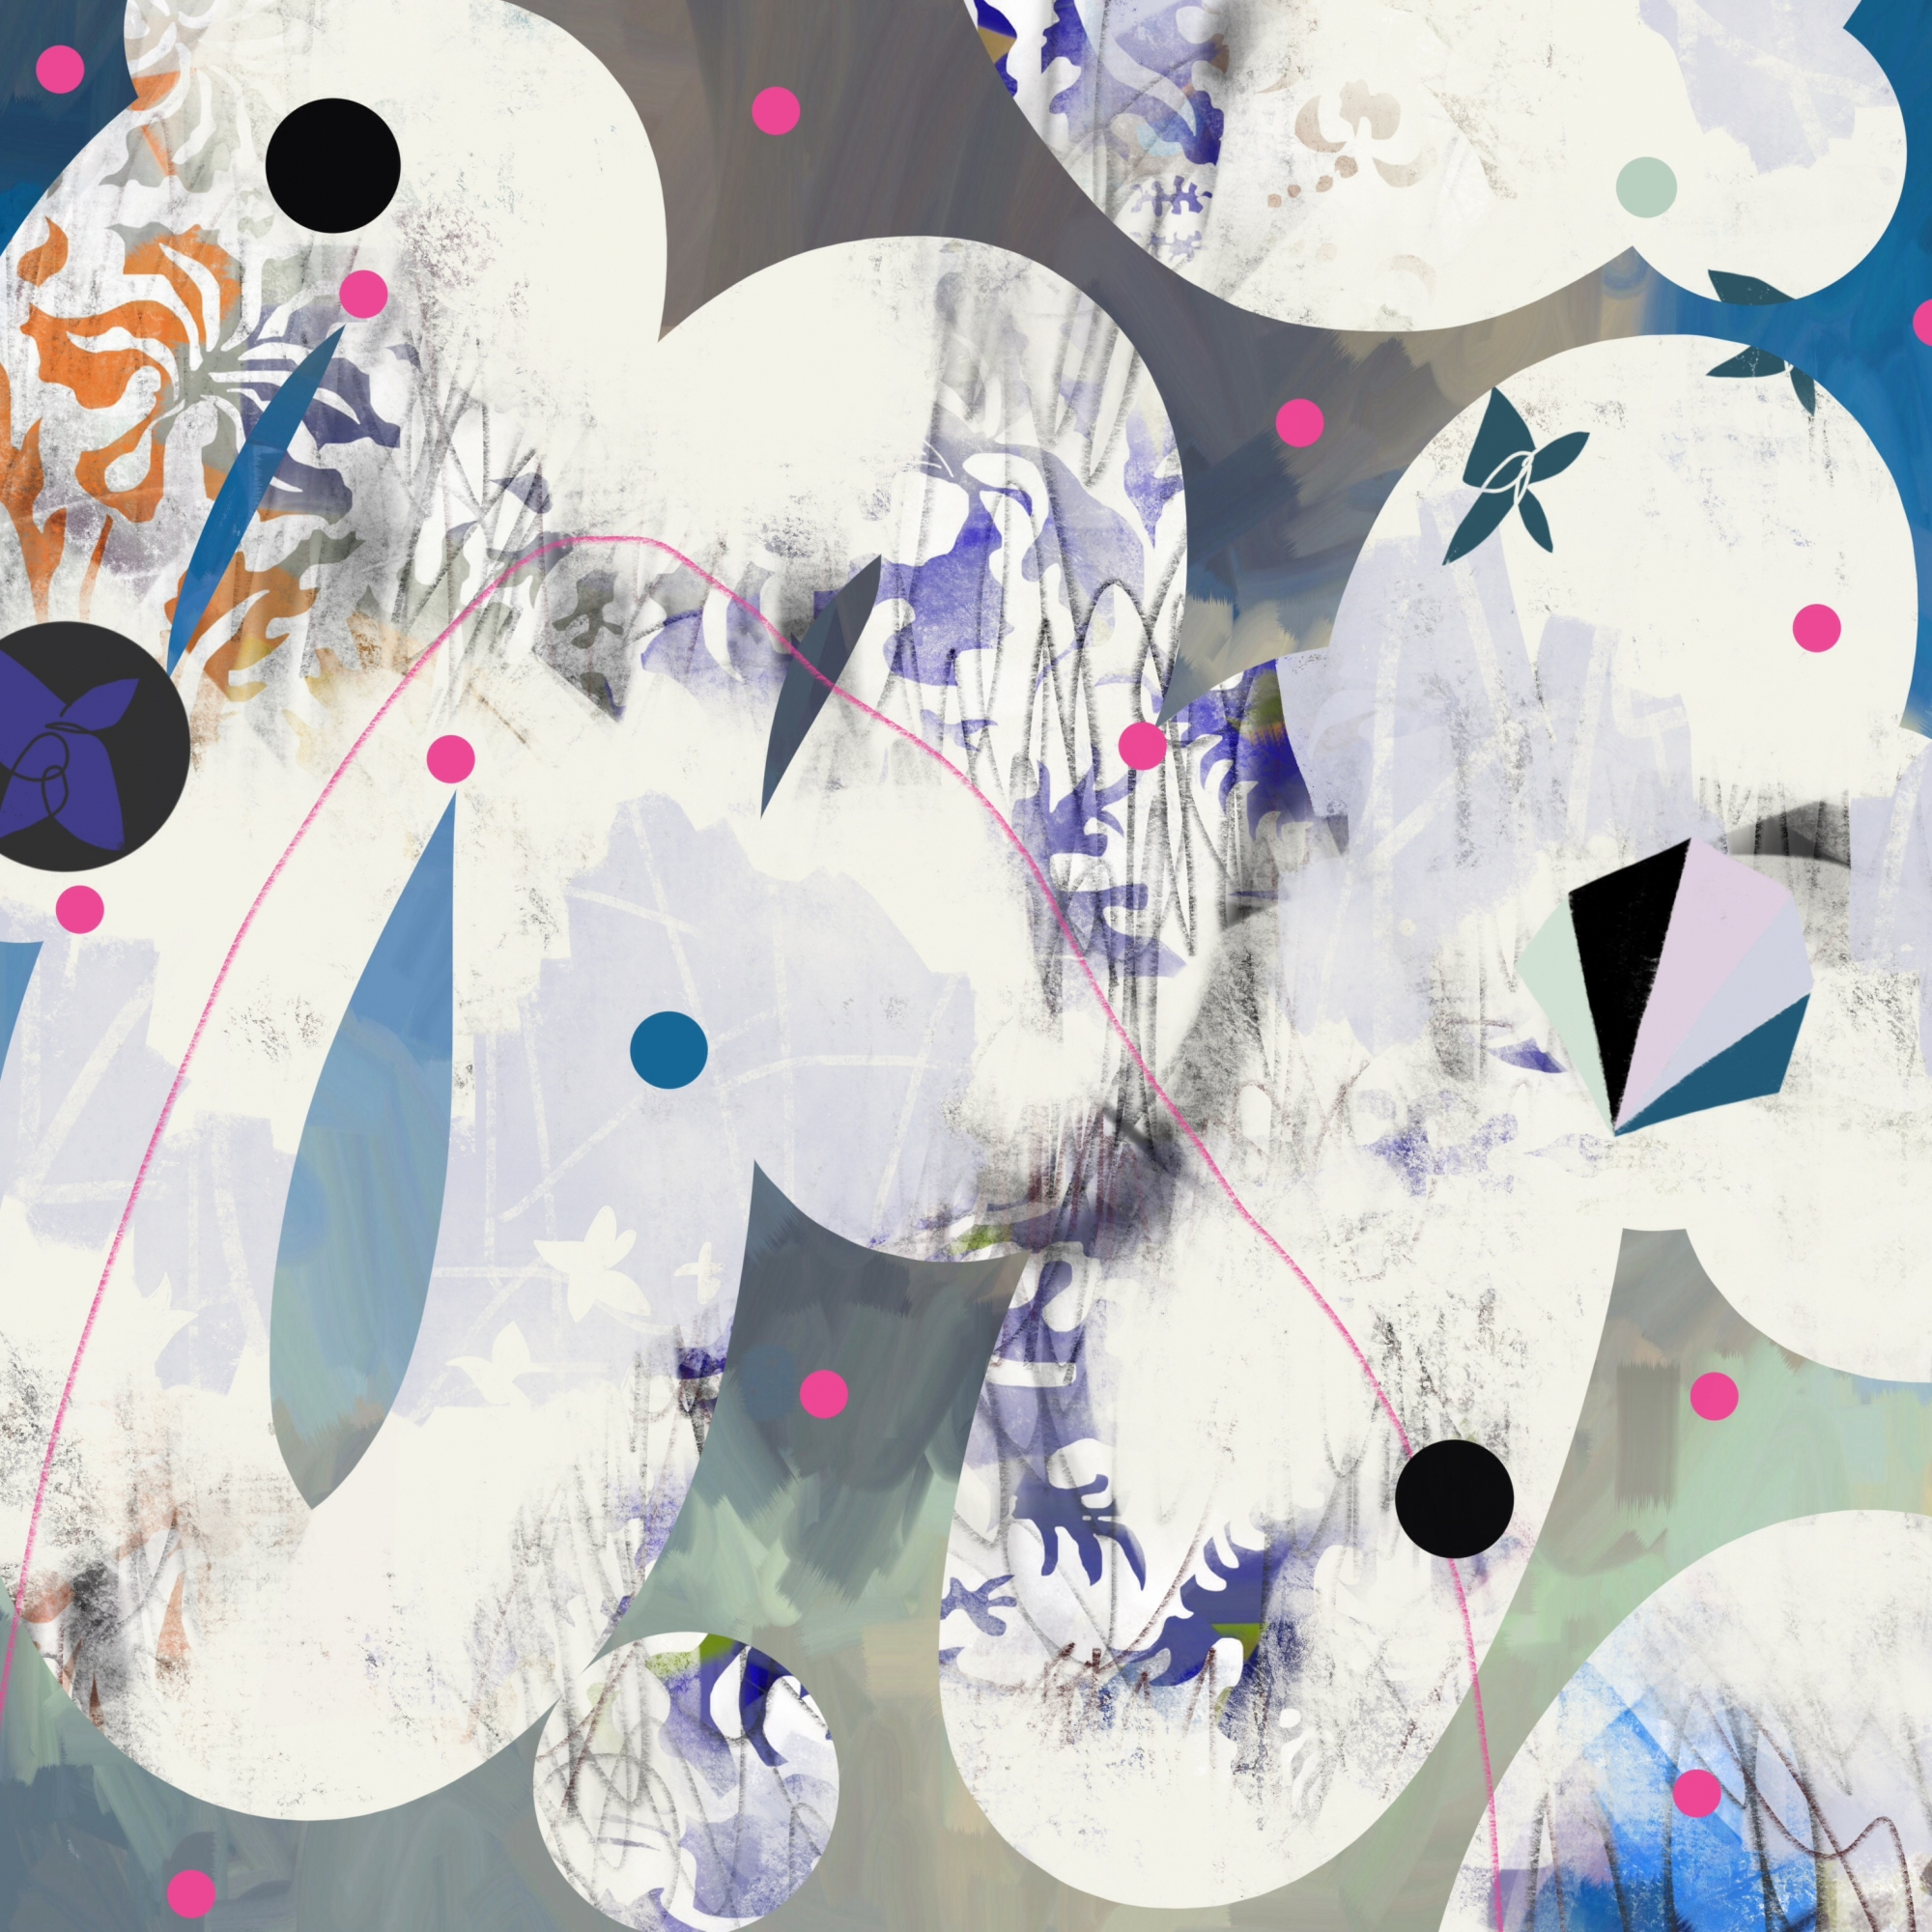 Sidewinder by Matthew Catalano